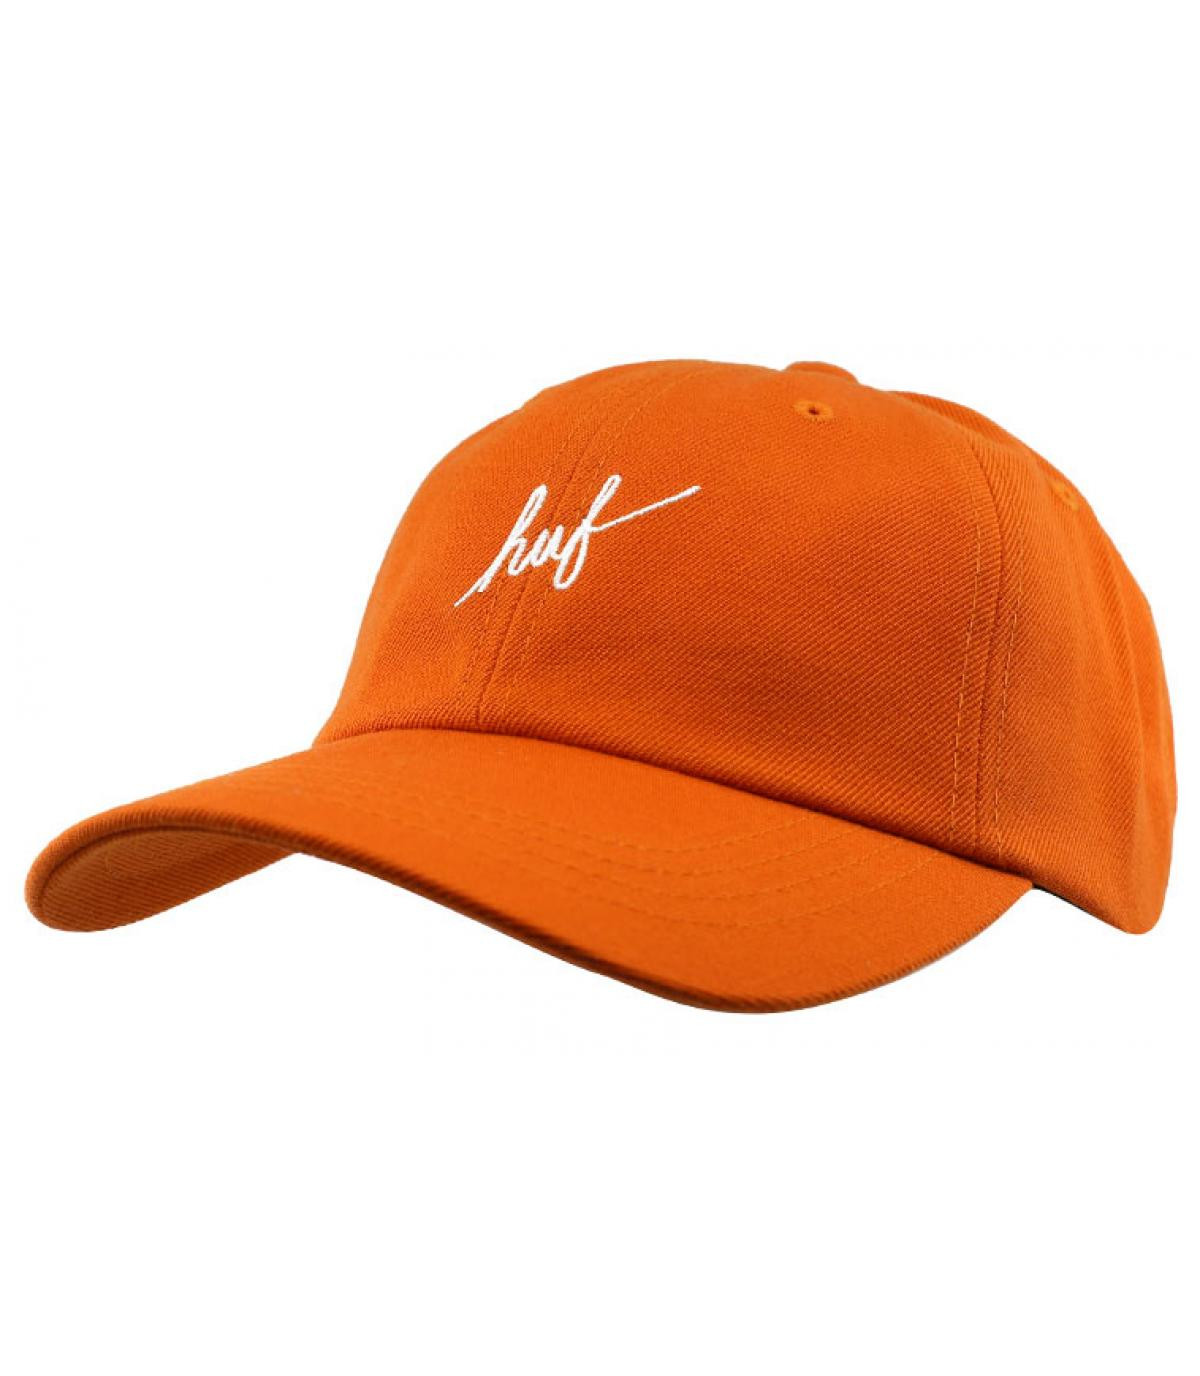 orange Huf cap